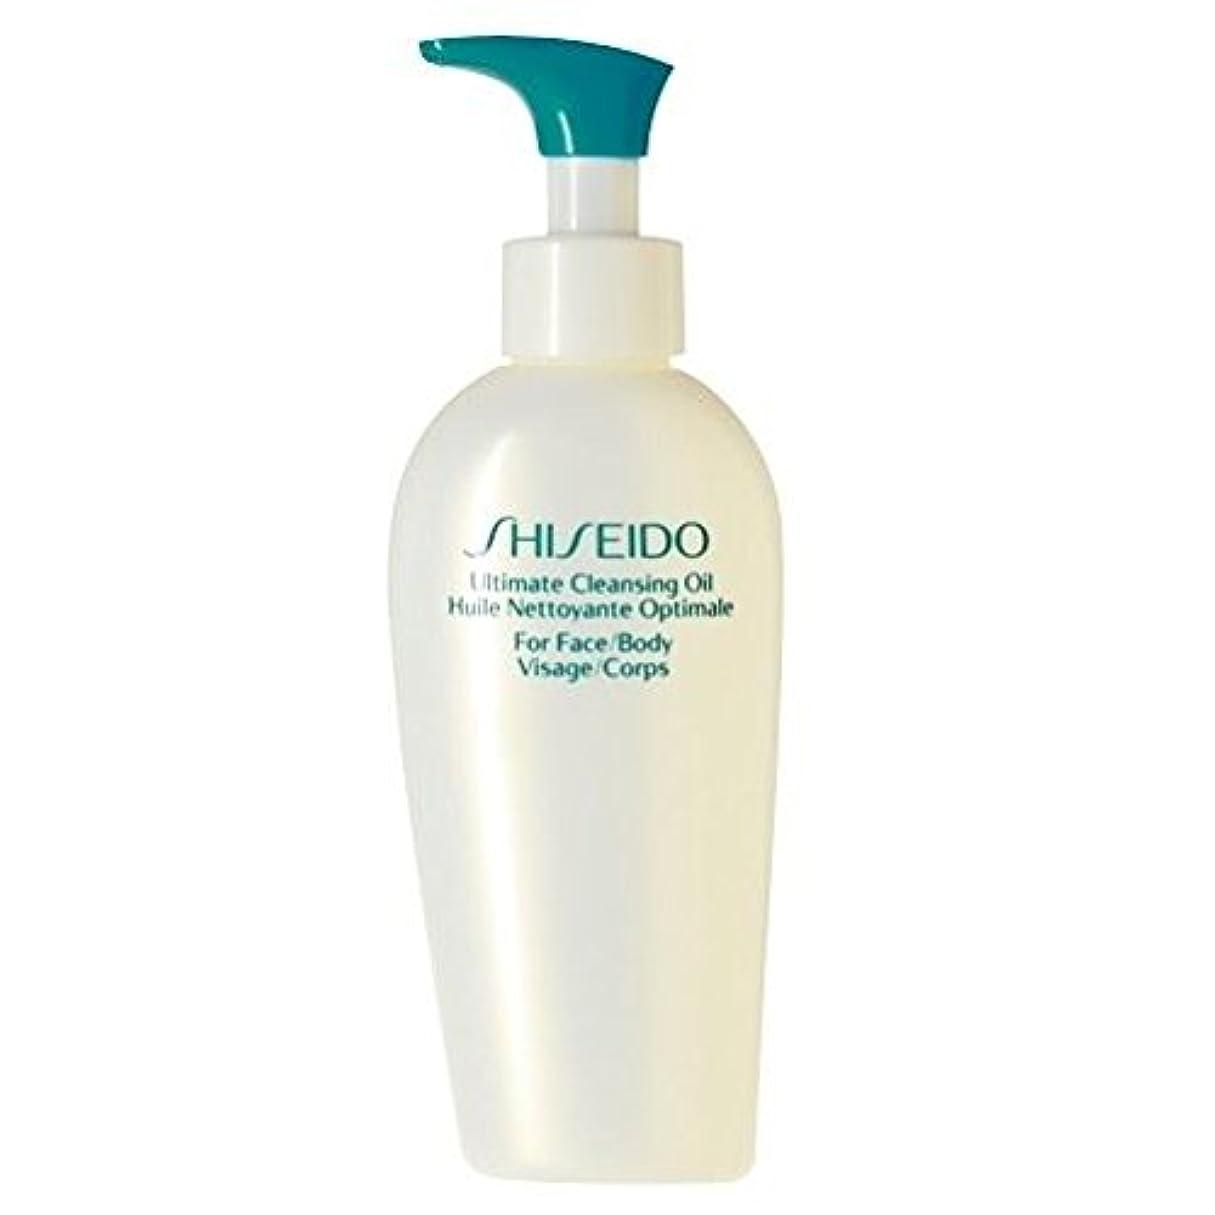 ランチ依存する口ひげ[Shiseido] 資生堂究極のクレンジングオイル、150ミリリットル - Shiseido Ultimate Cleansing Oil, 150ml [並行輸入品]